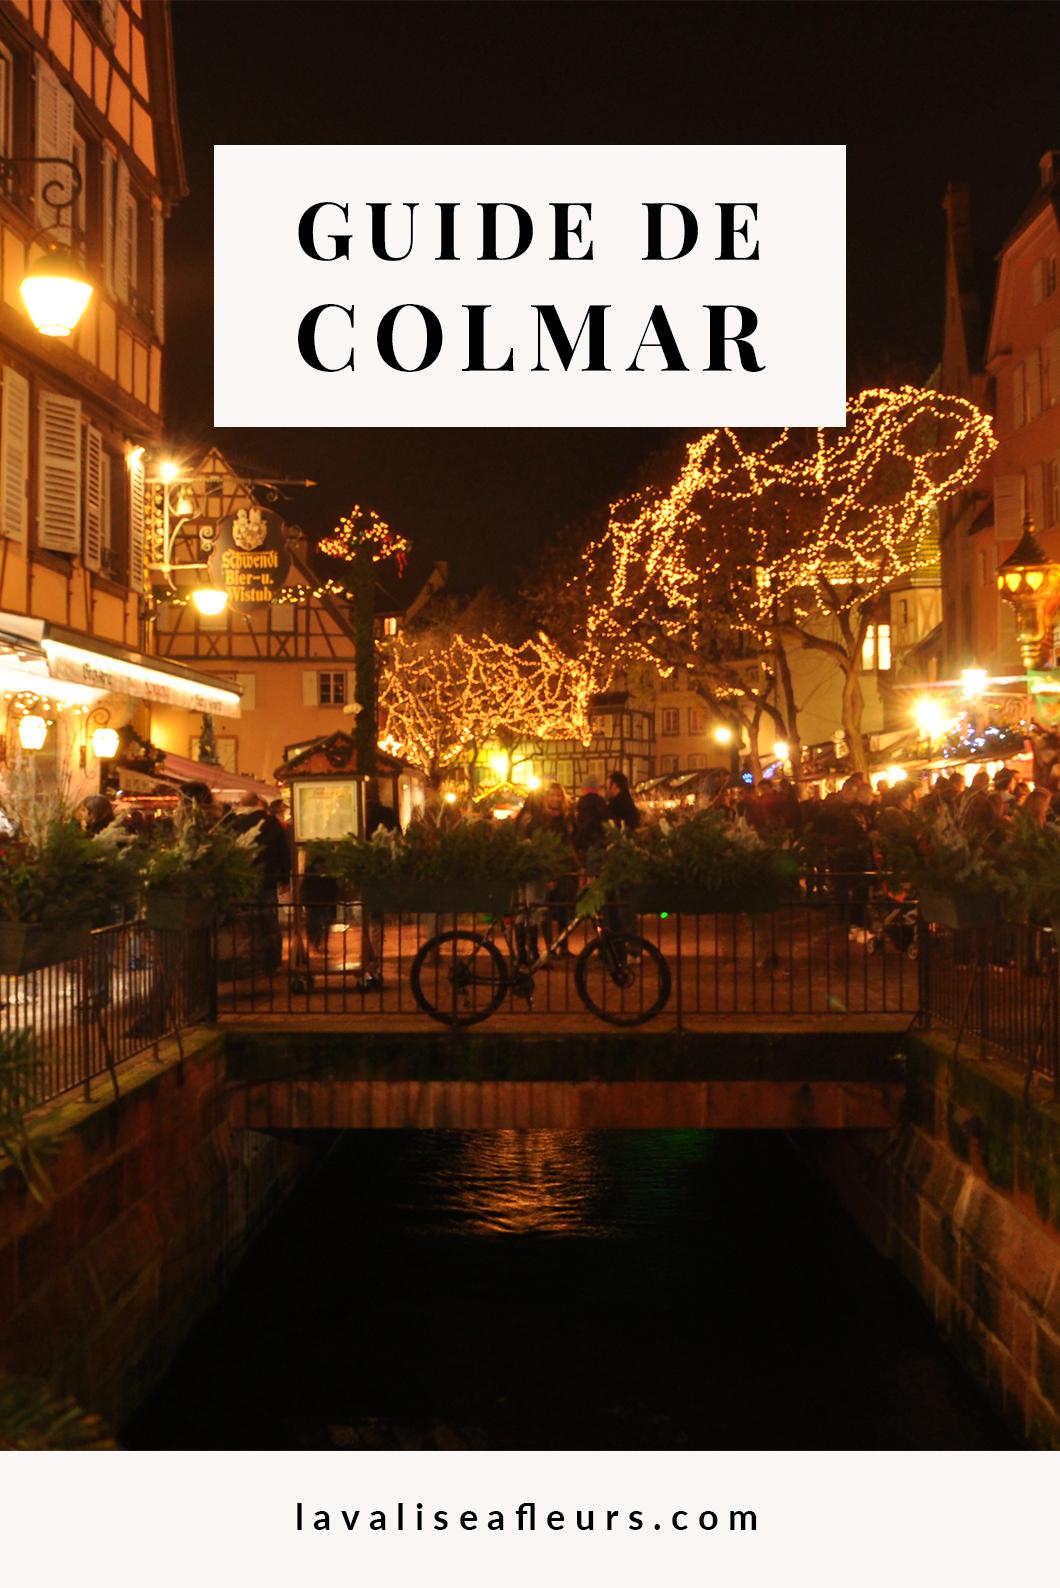 Guide de Colmar et de son marché de Noël